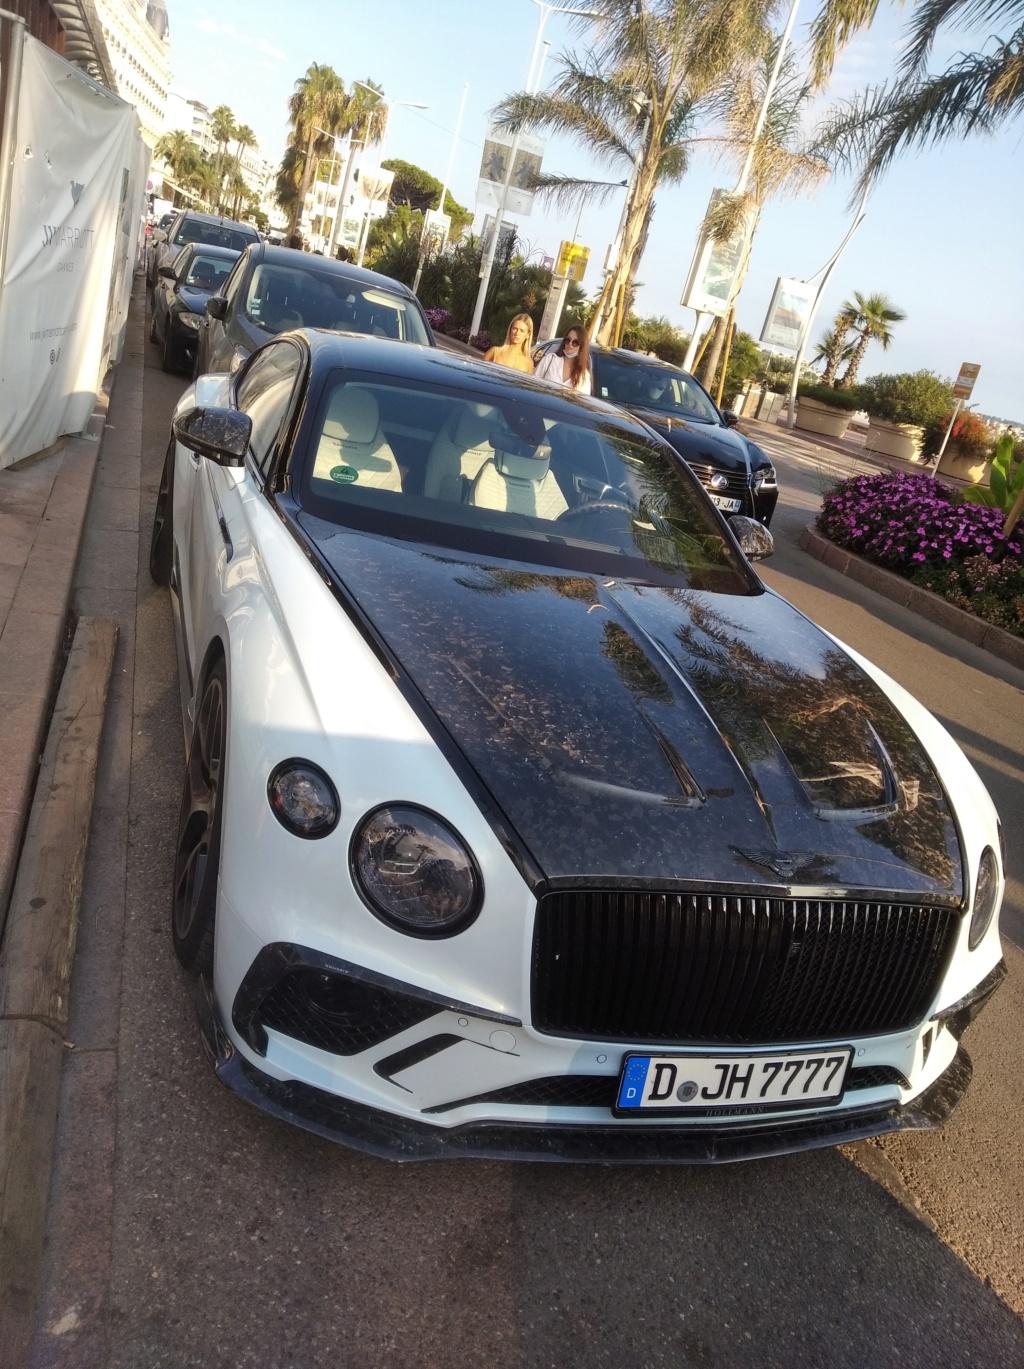 Mon TT - Célia  - Page 6 Cannes13